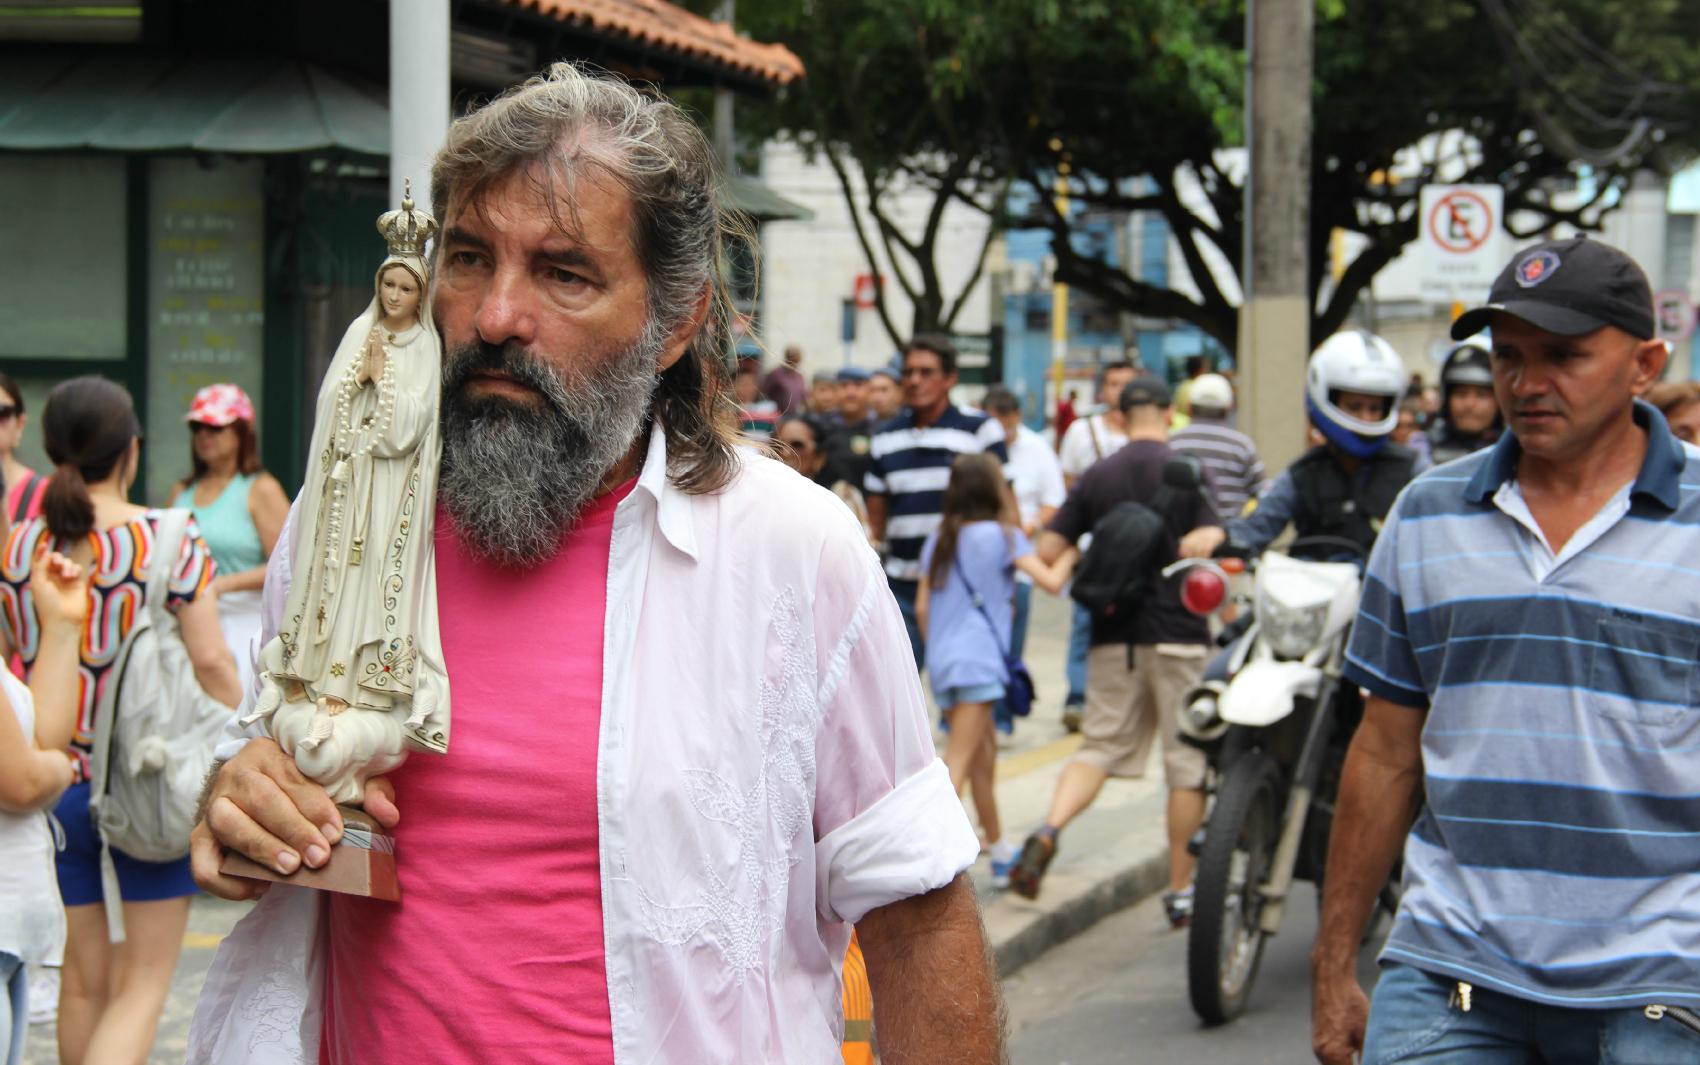 O aposentado Aldo Rodrigues, de 62 anos, seguiu na procissão levando uma santa